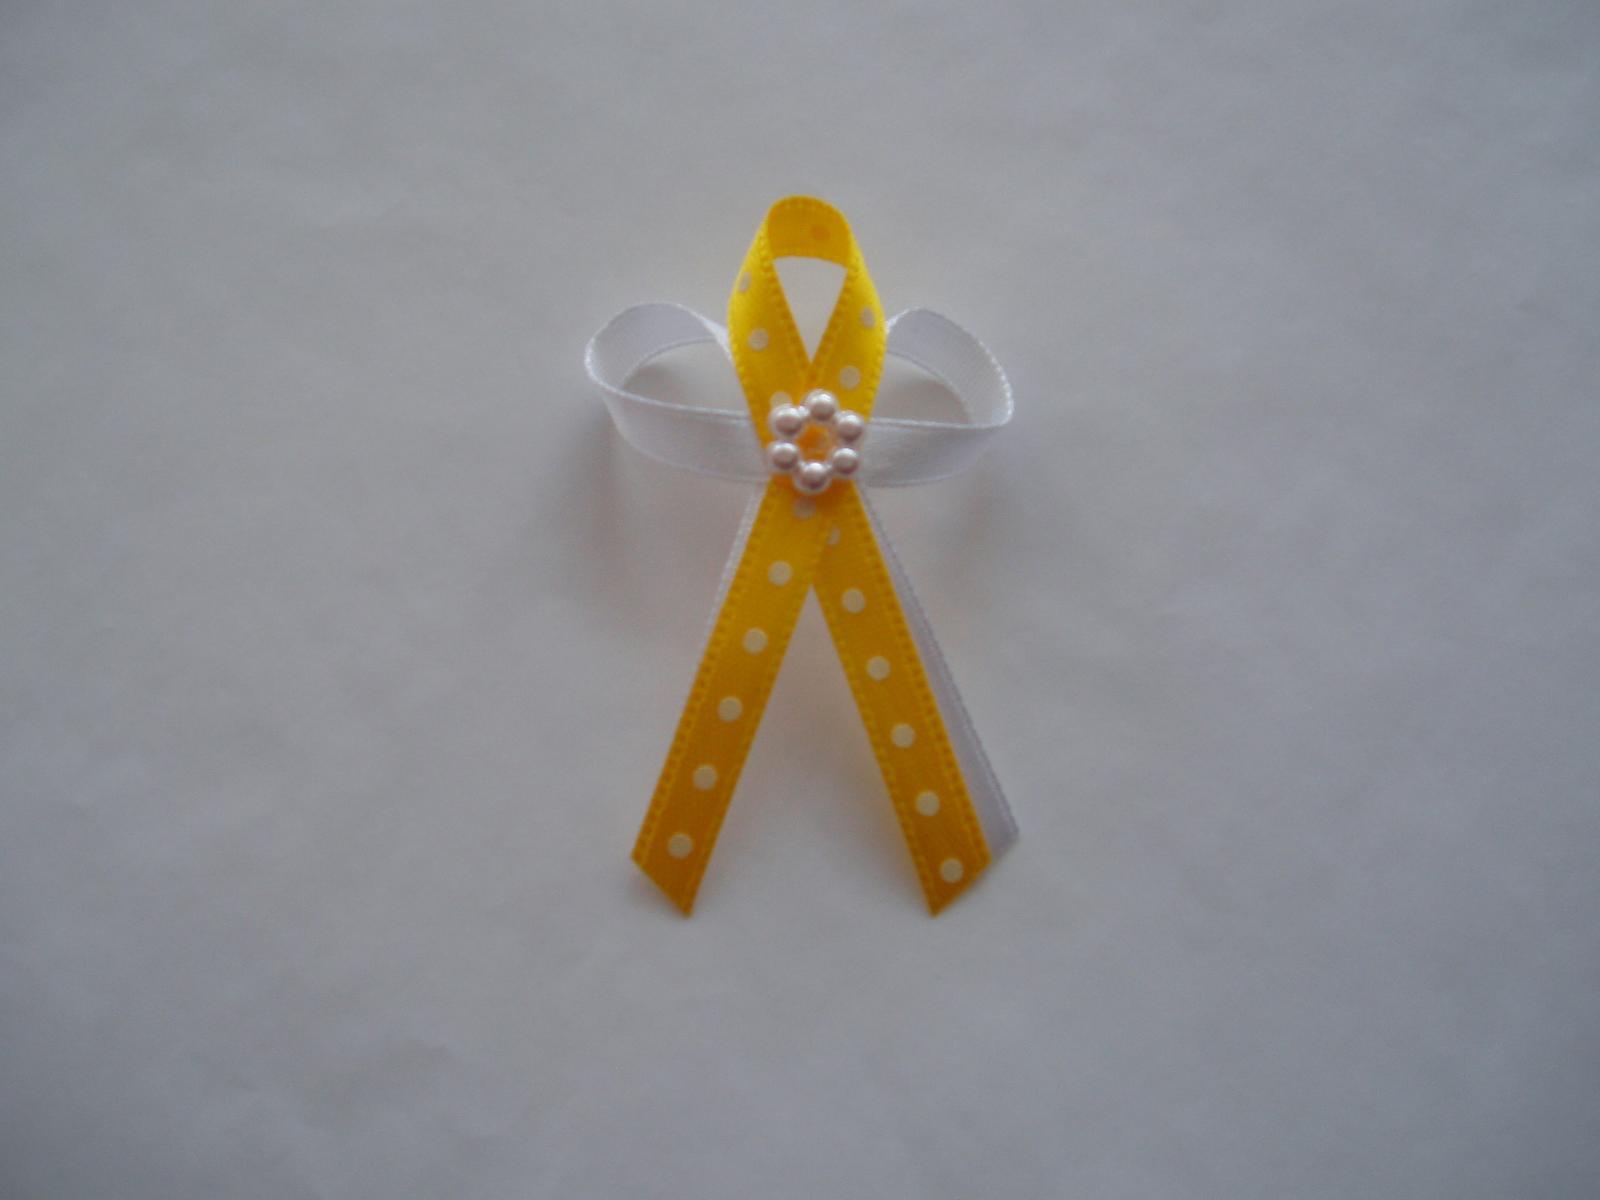 vývazek-žlutý puntík - Obrázek č. 1